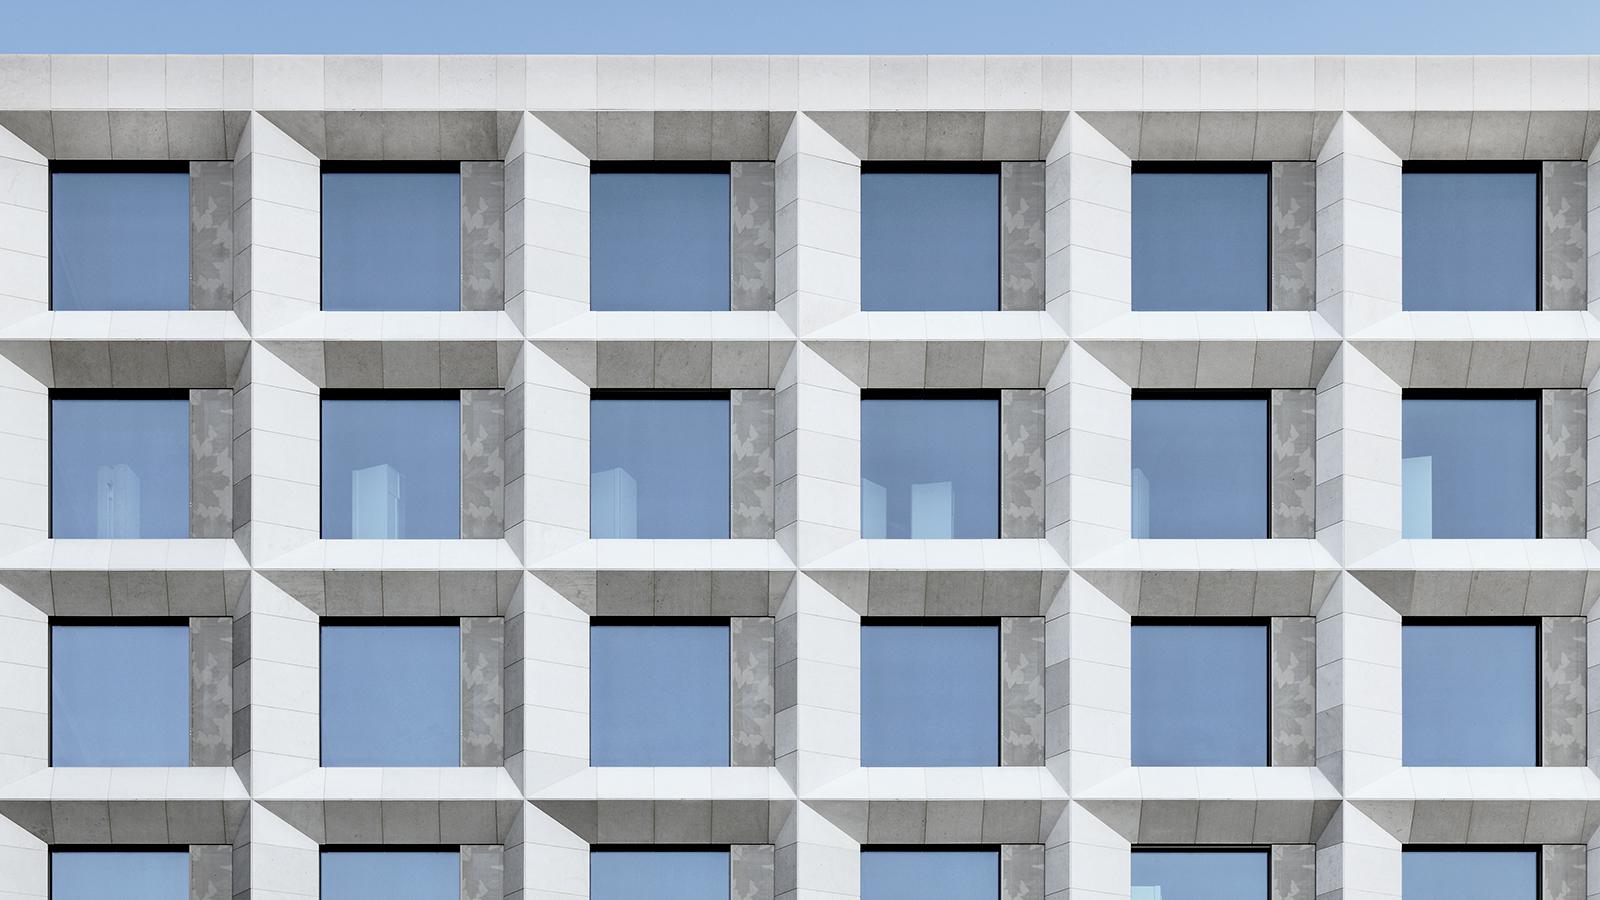 h2m-architekten-klinikum-kulmbach-erster-bauabschnitt-erweiterungsbau-natursteinfassade-filter